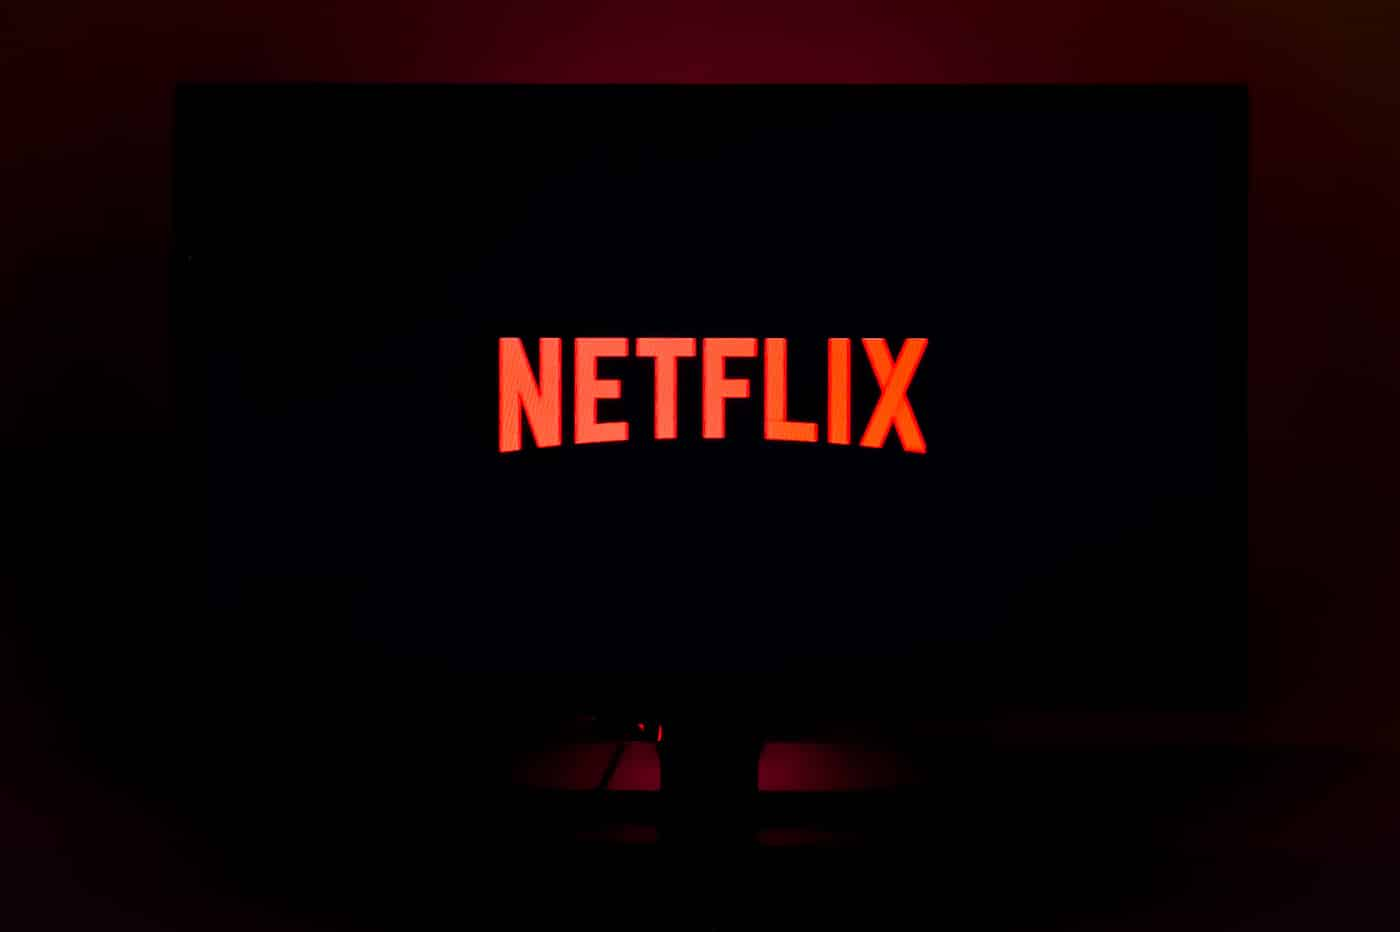 Netflix Netflix